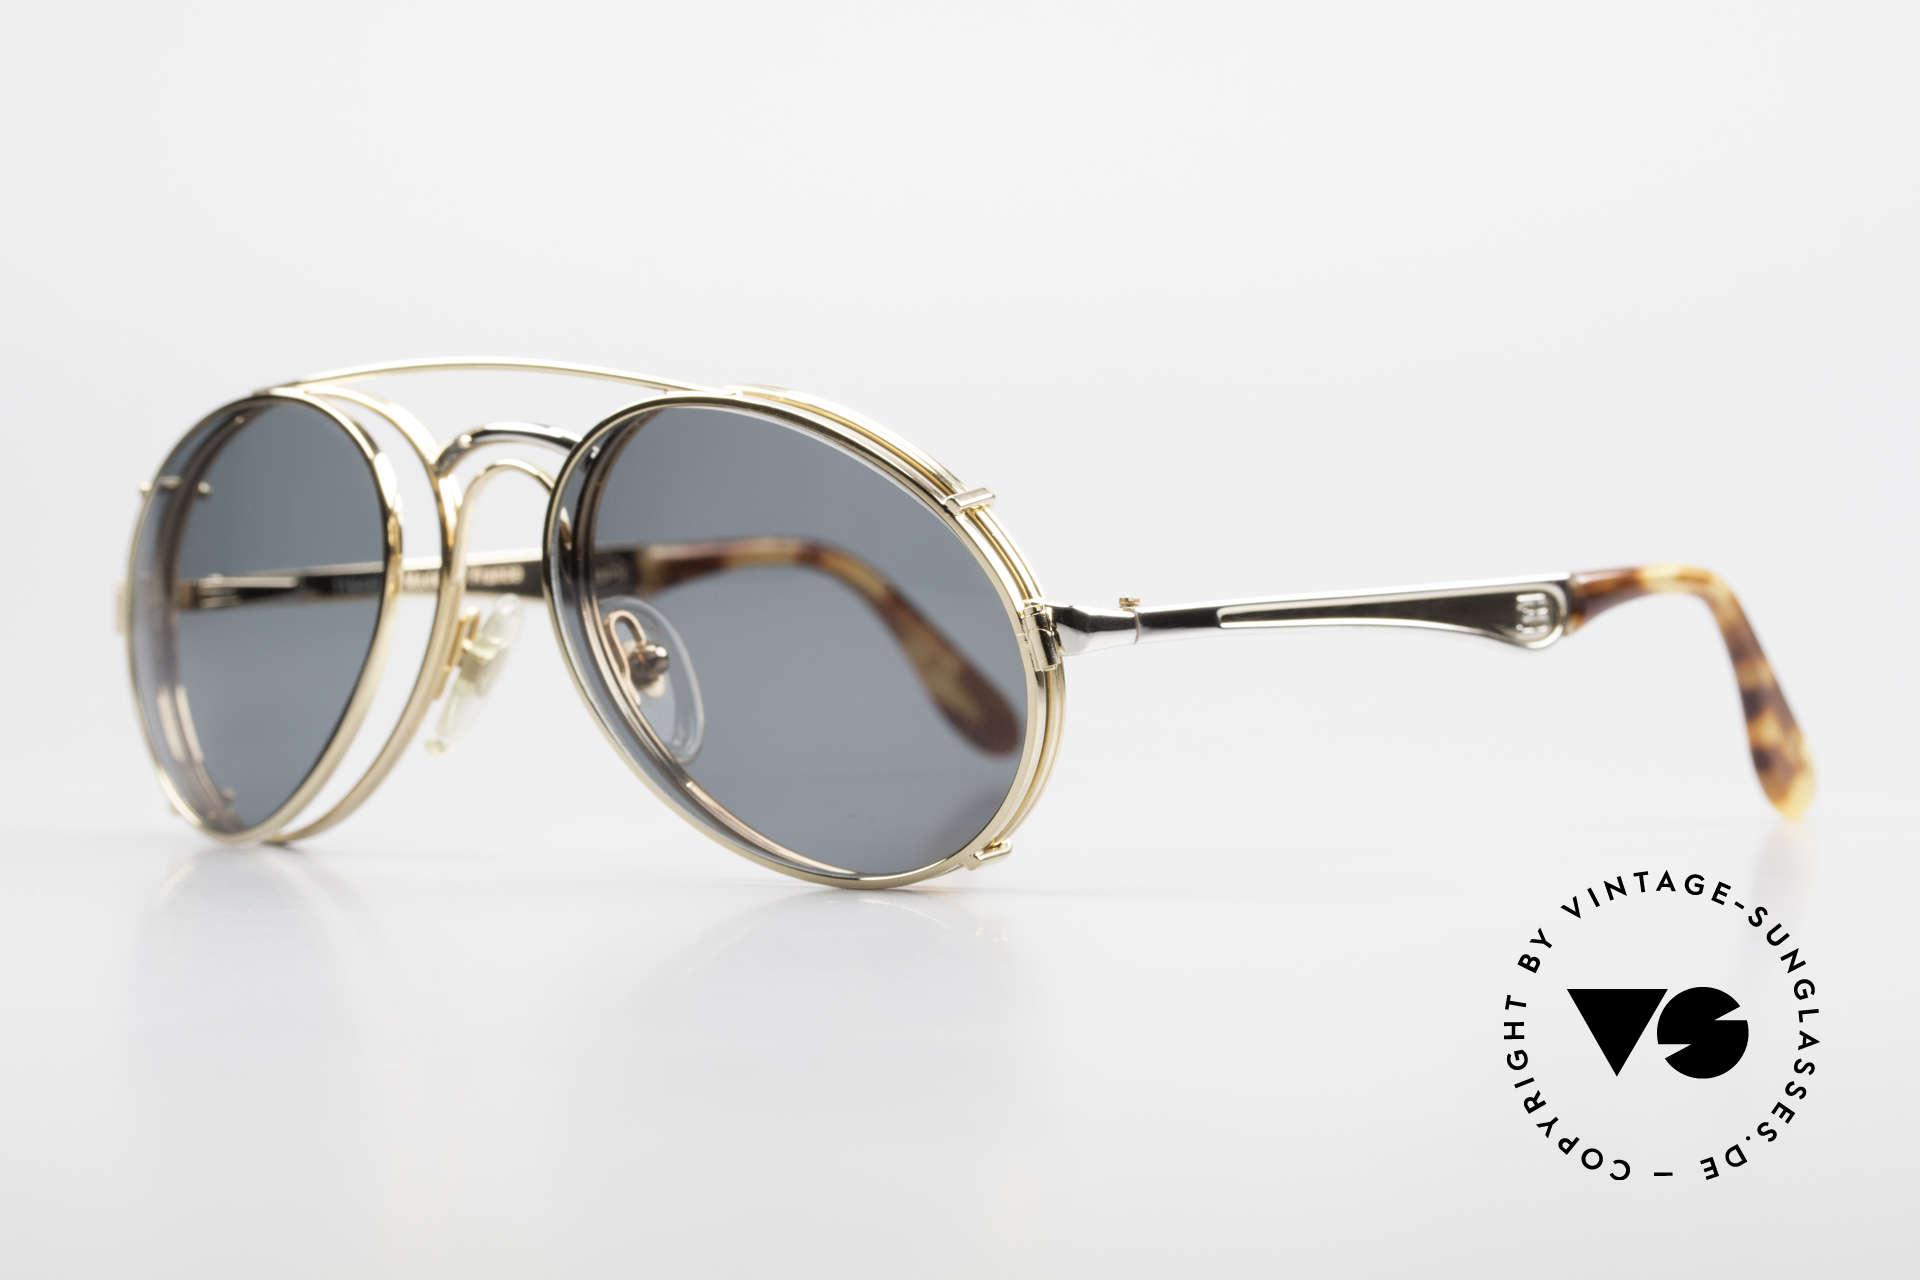 Bugatti 11948 Luxus Herrenbrille Mit Clip On, keine Tropfen- od. Aviatorform, sondern Bugatti, Passend für Herren